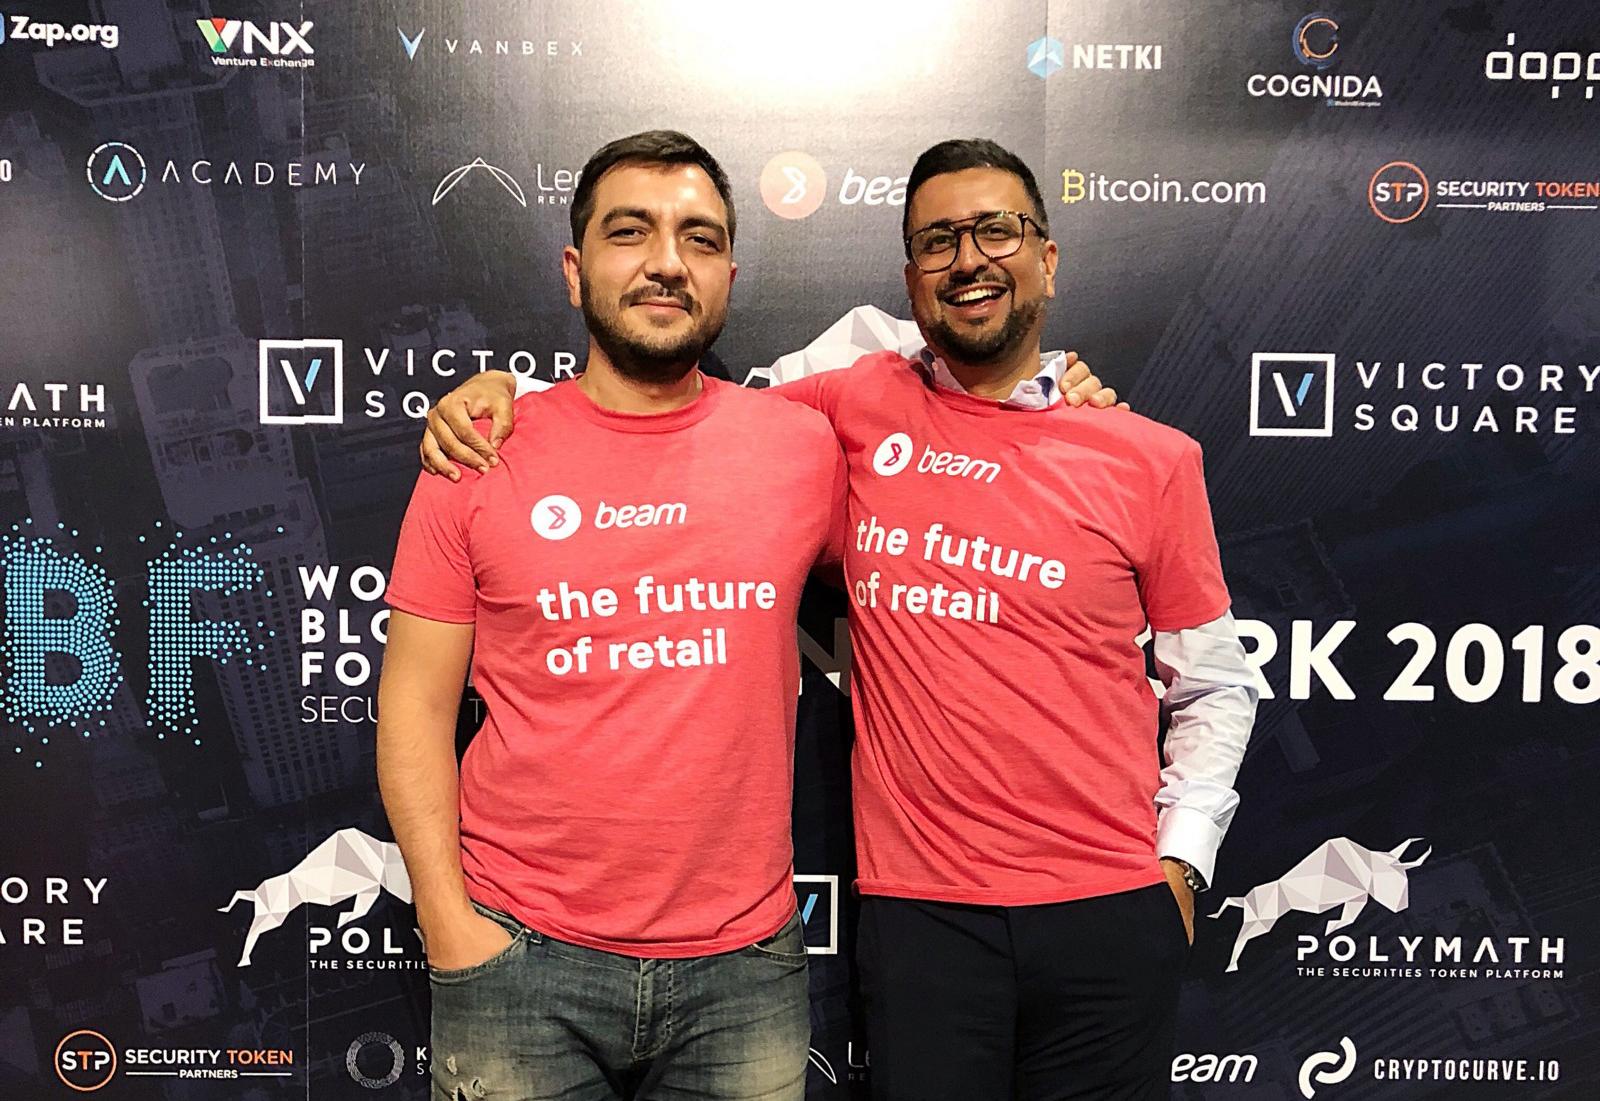 Dubai's Majid Al Futtaim acquires UAE mobile wallet app Beam